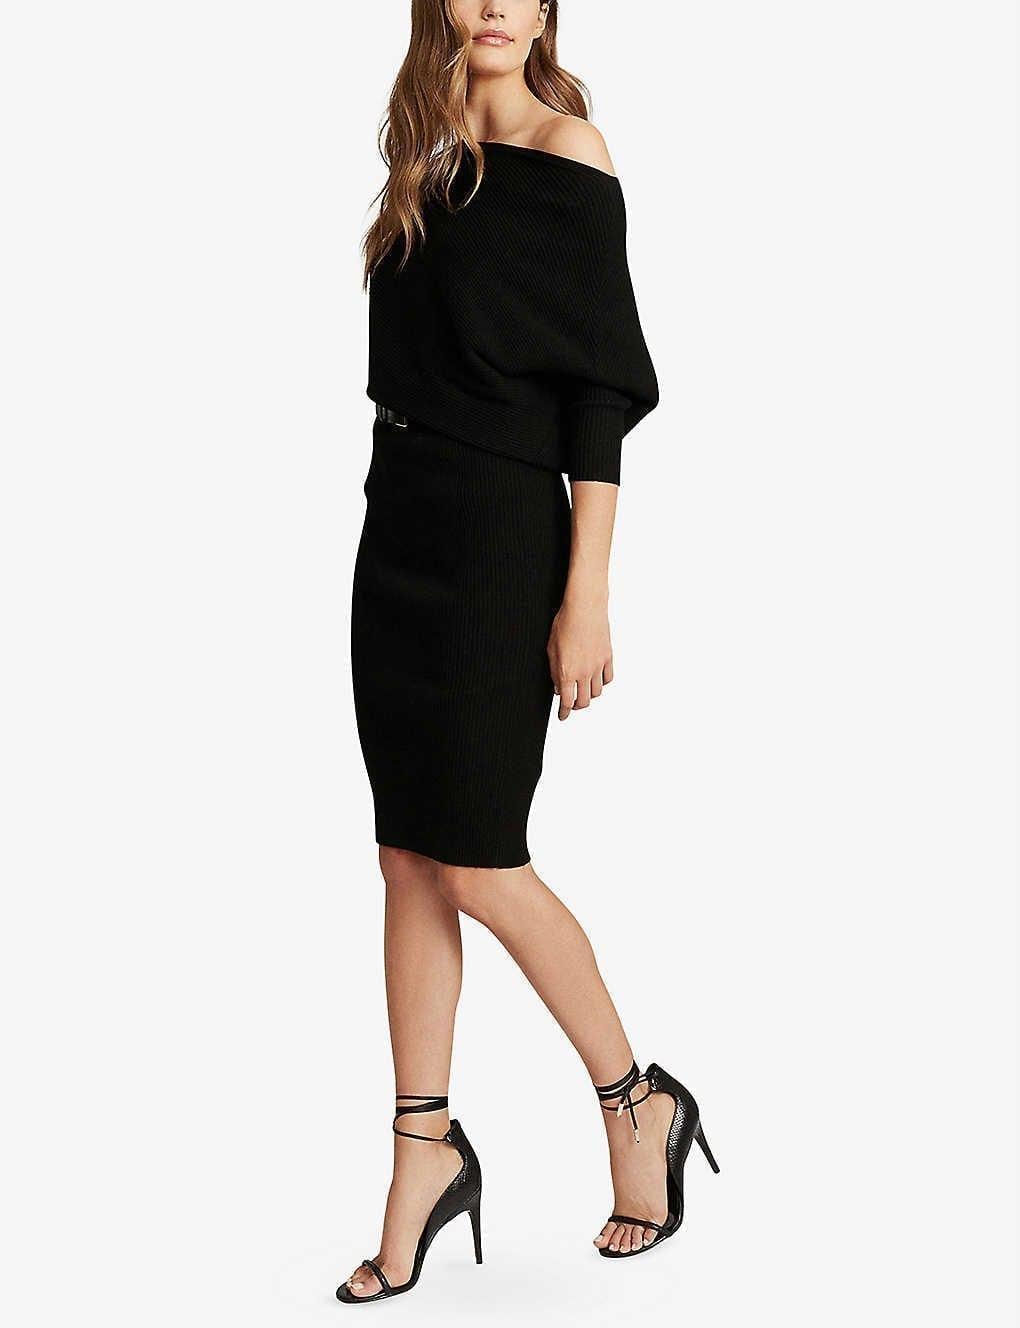 REISS Lara Stretch-knit Dress